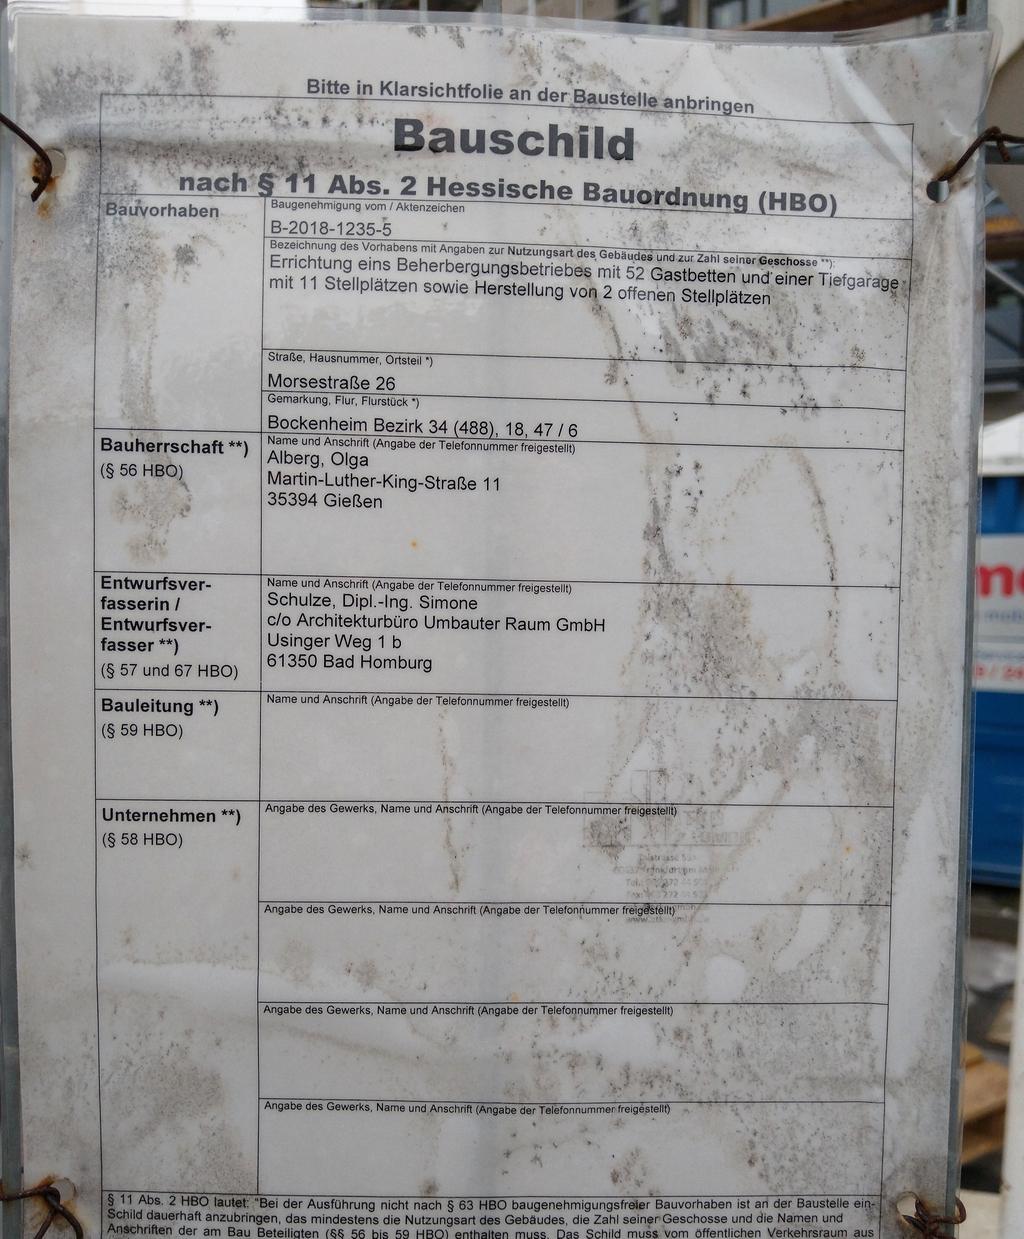 Bild: https://www.deutsches-architektur-forum.de/pics/schmittchen/4075_morsestrasse_26.jpg